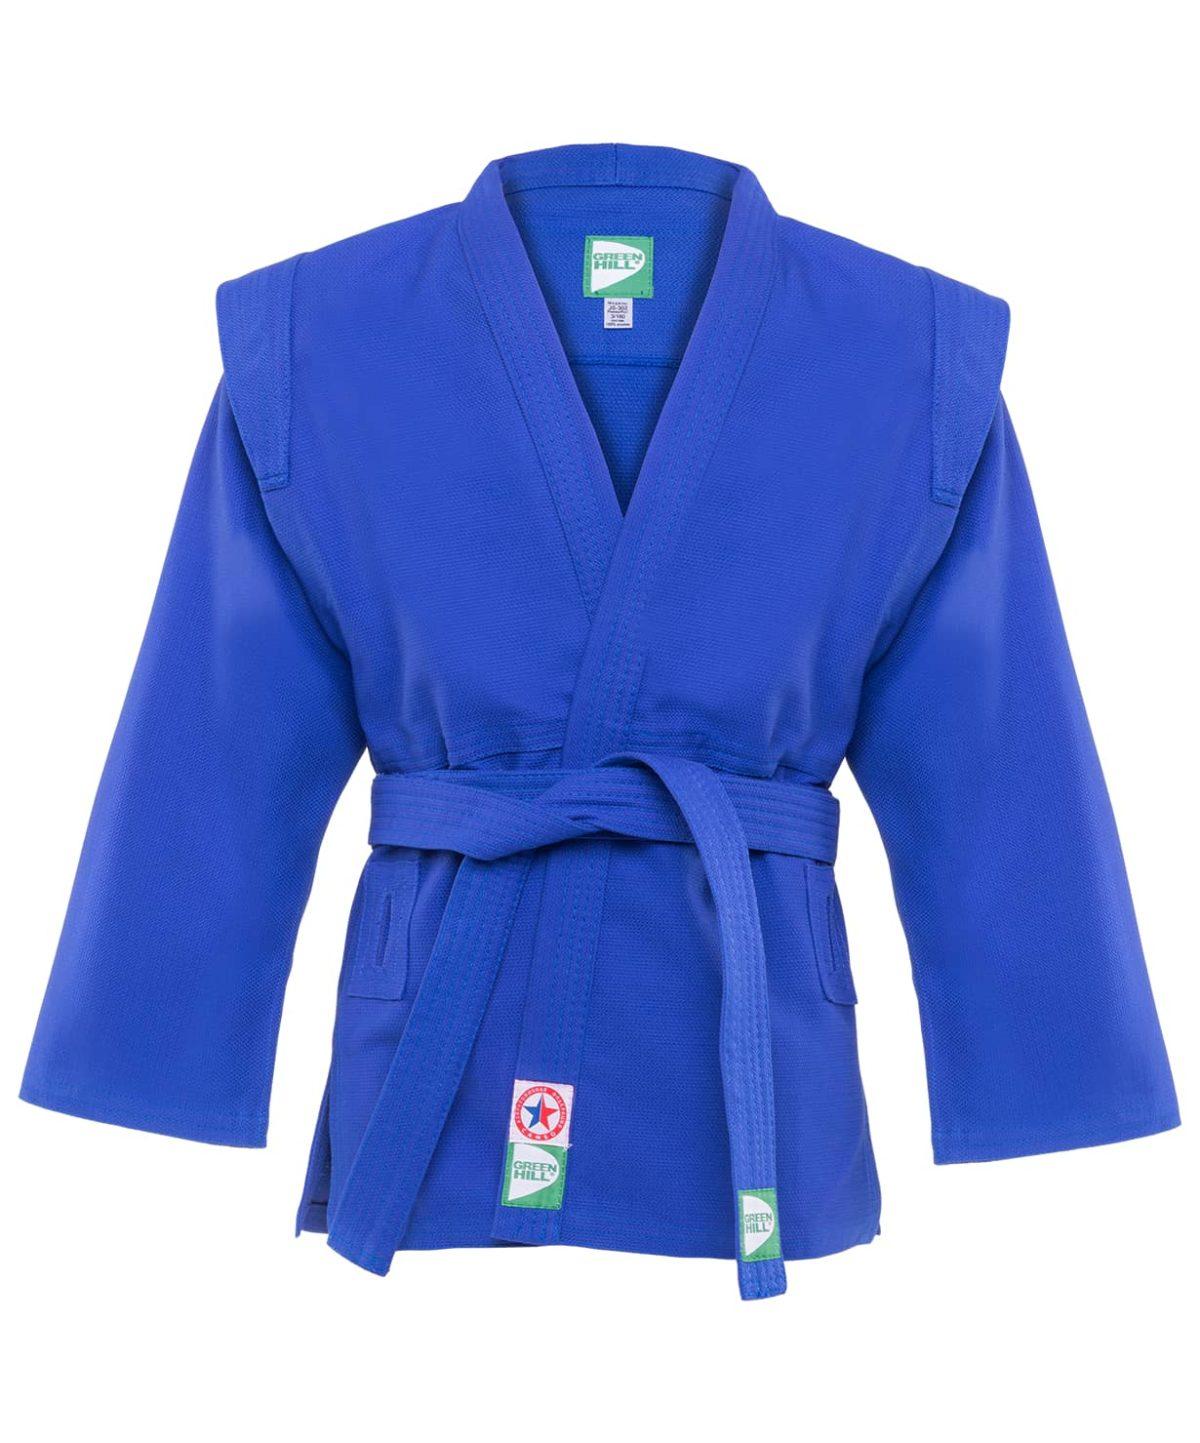 GREEN HILL Куртка для самбо 0/130  JS-302: синий - 1